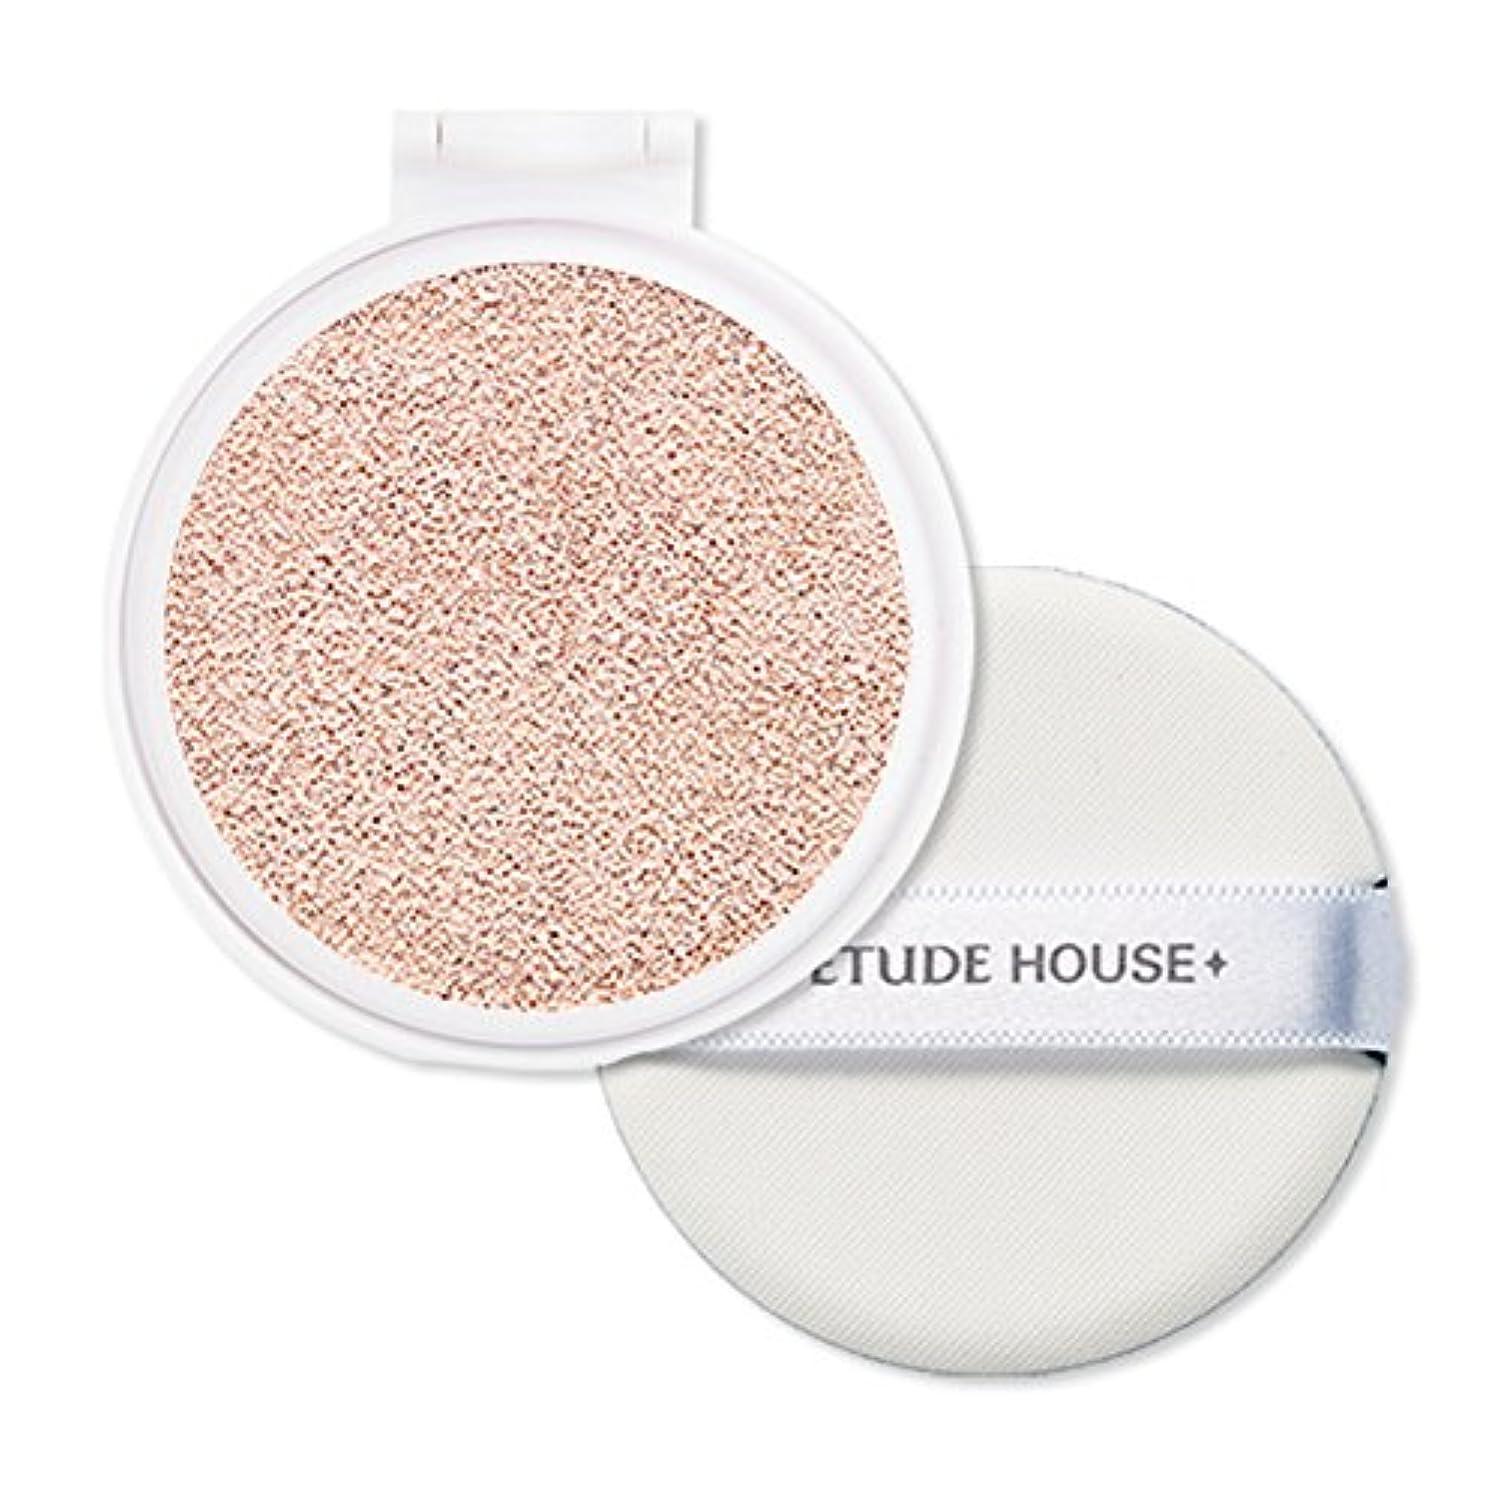 マーカー困った率直なエチュードハウス(ETUDE HOUSE) エニークッション カラーコレクター レフィル Illuminate